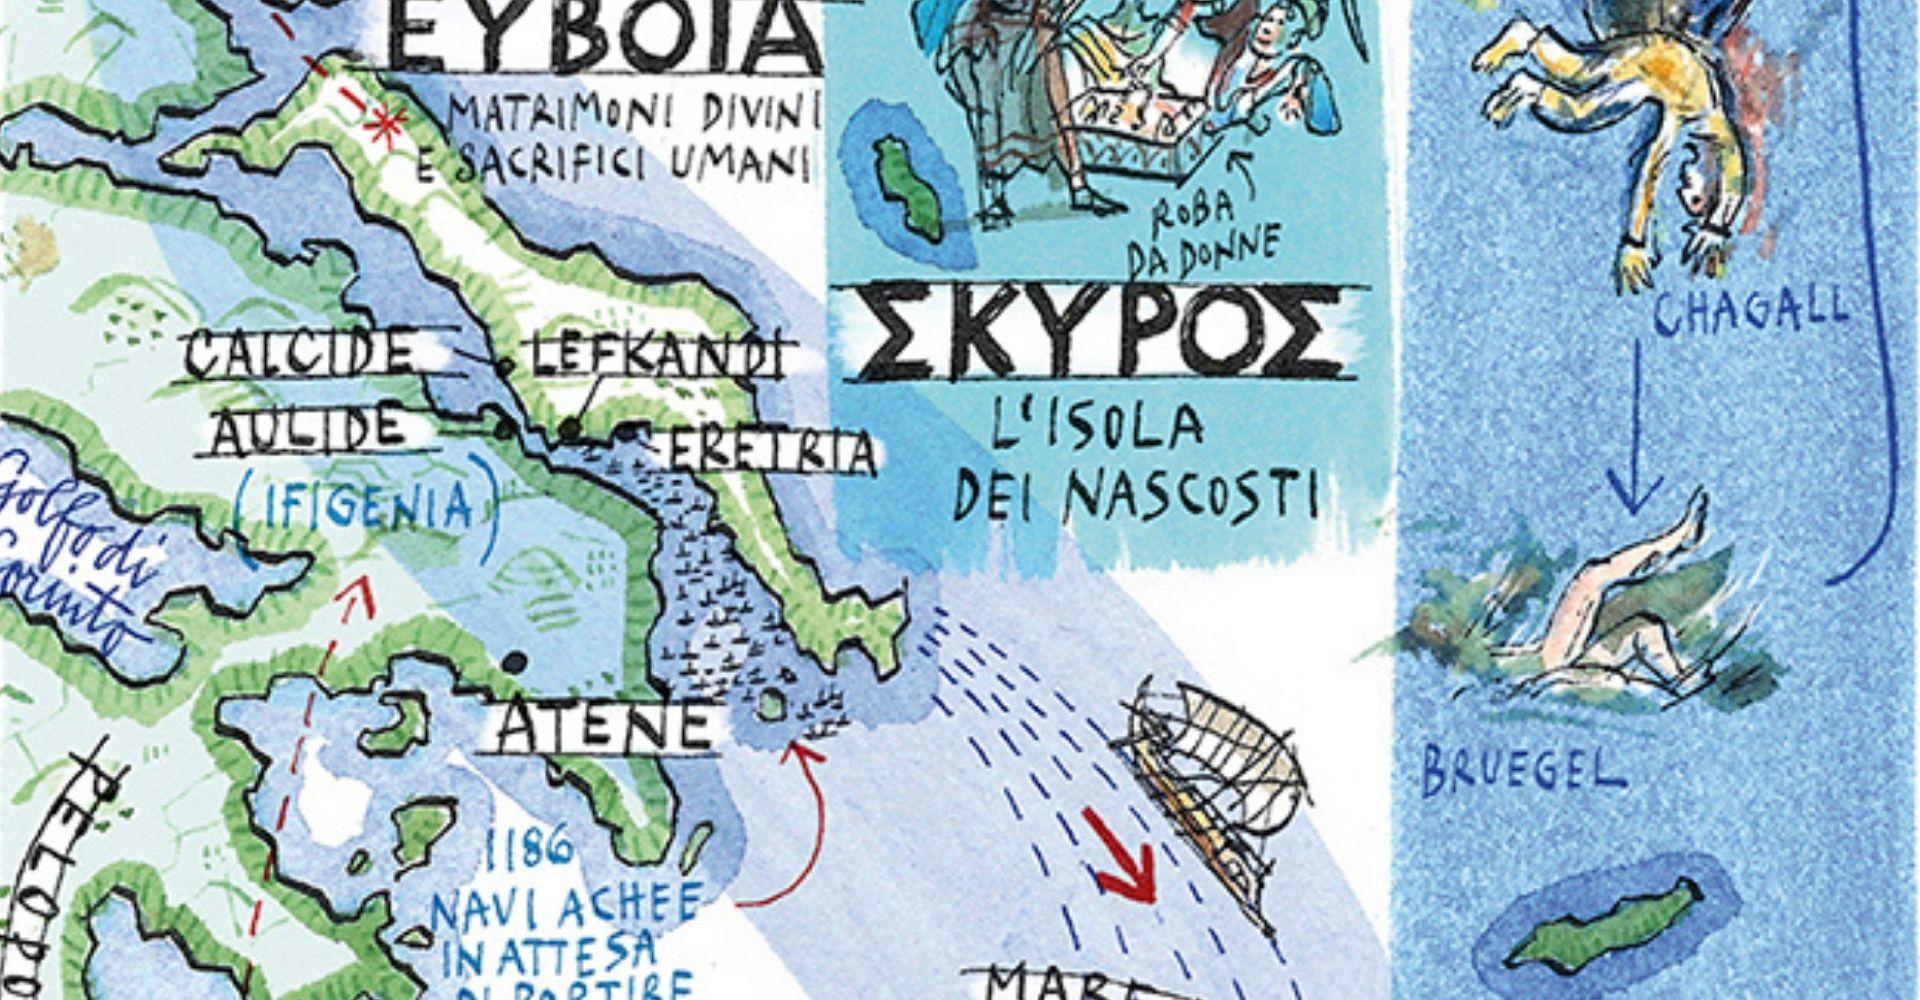 Guida mitologica alle isole della Grecia, alla scoperta del mare degli dèi